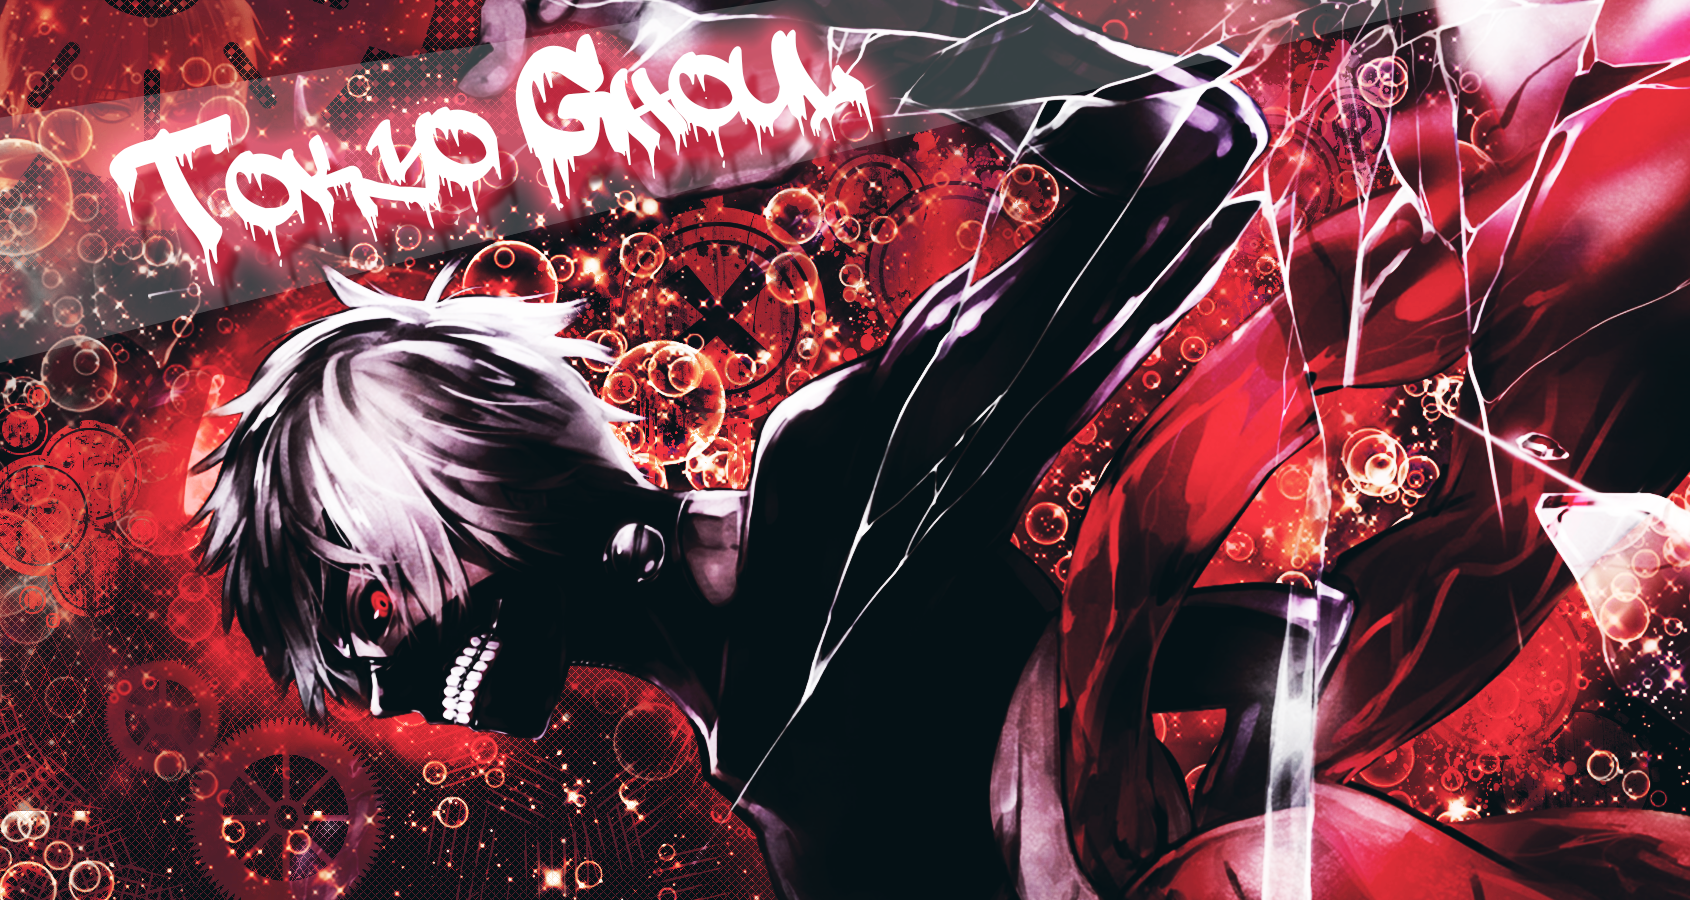 Tokyo Ghoul Ken Kaneki Wallpaper: Tokyo Ghoul : Kaneki Ken Wallpaper Red By IAmNiwo On